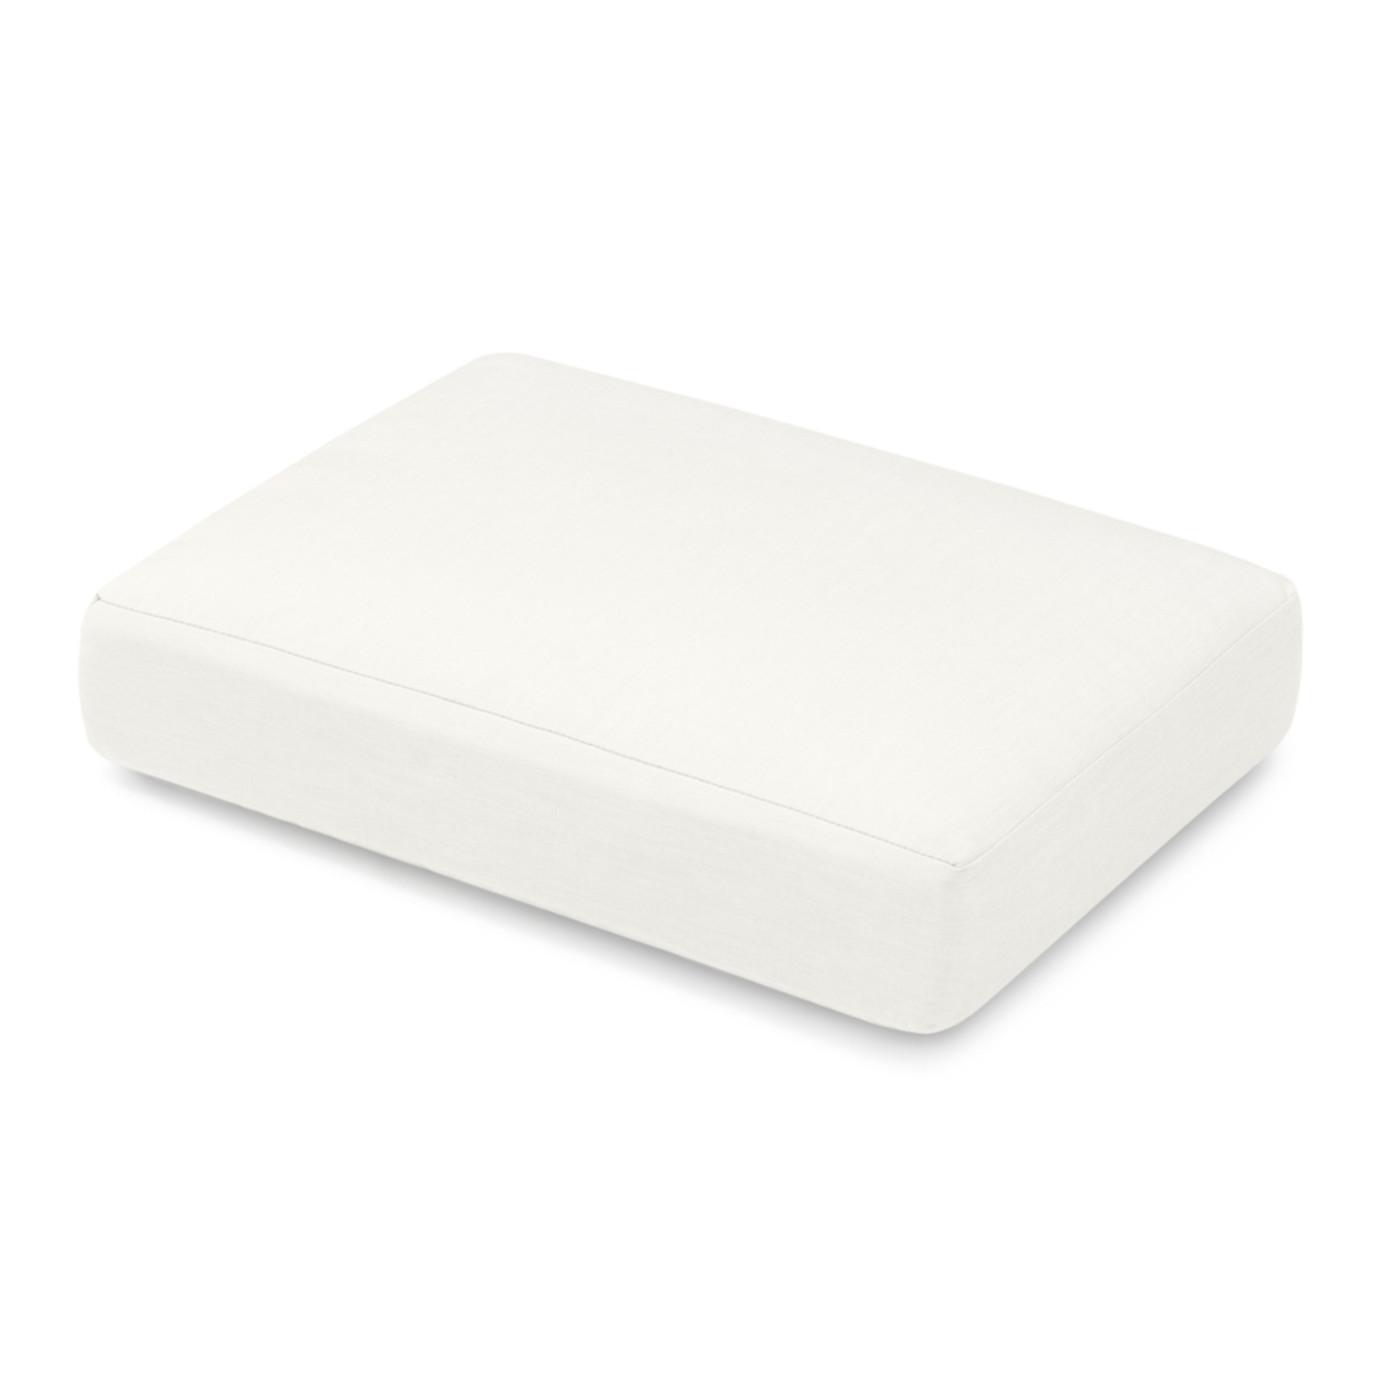 Vistano® Club Ottoman Cushion - Flax